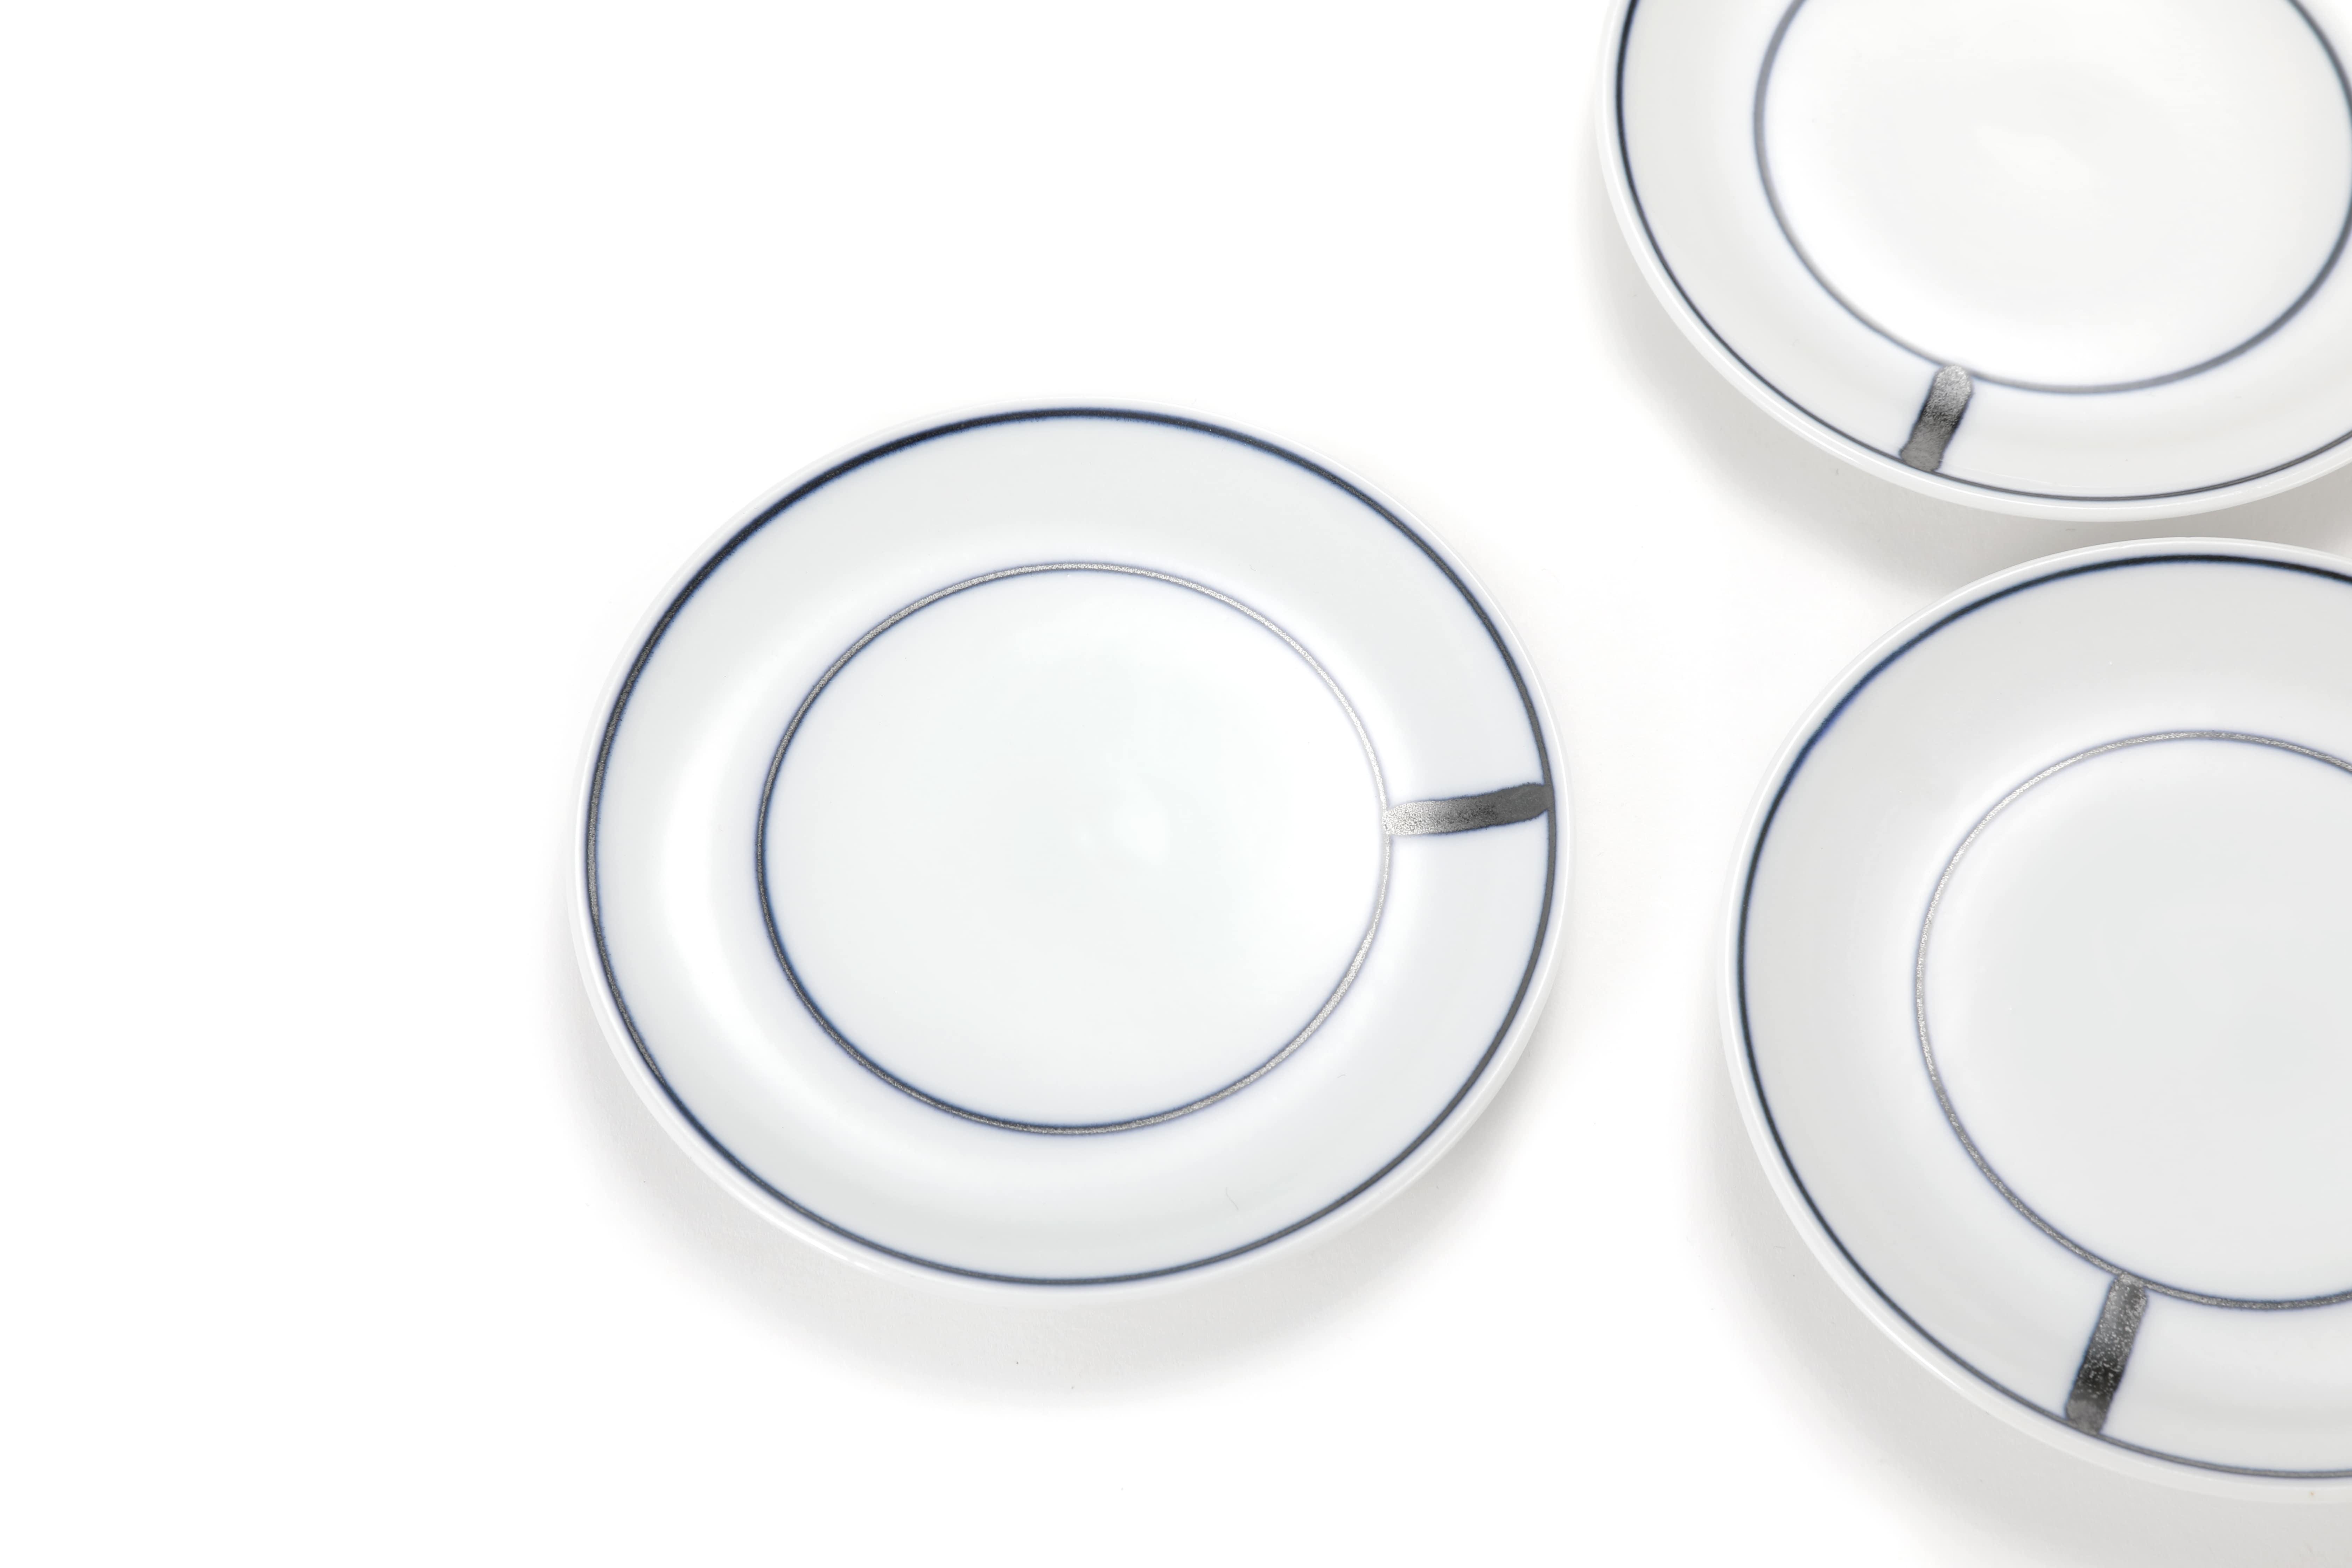 Handmade Korean Ceramics Bluelines Saucer for cups and mugs